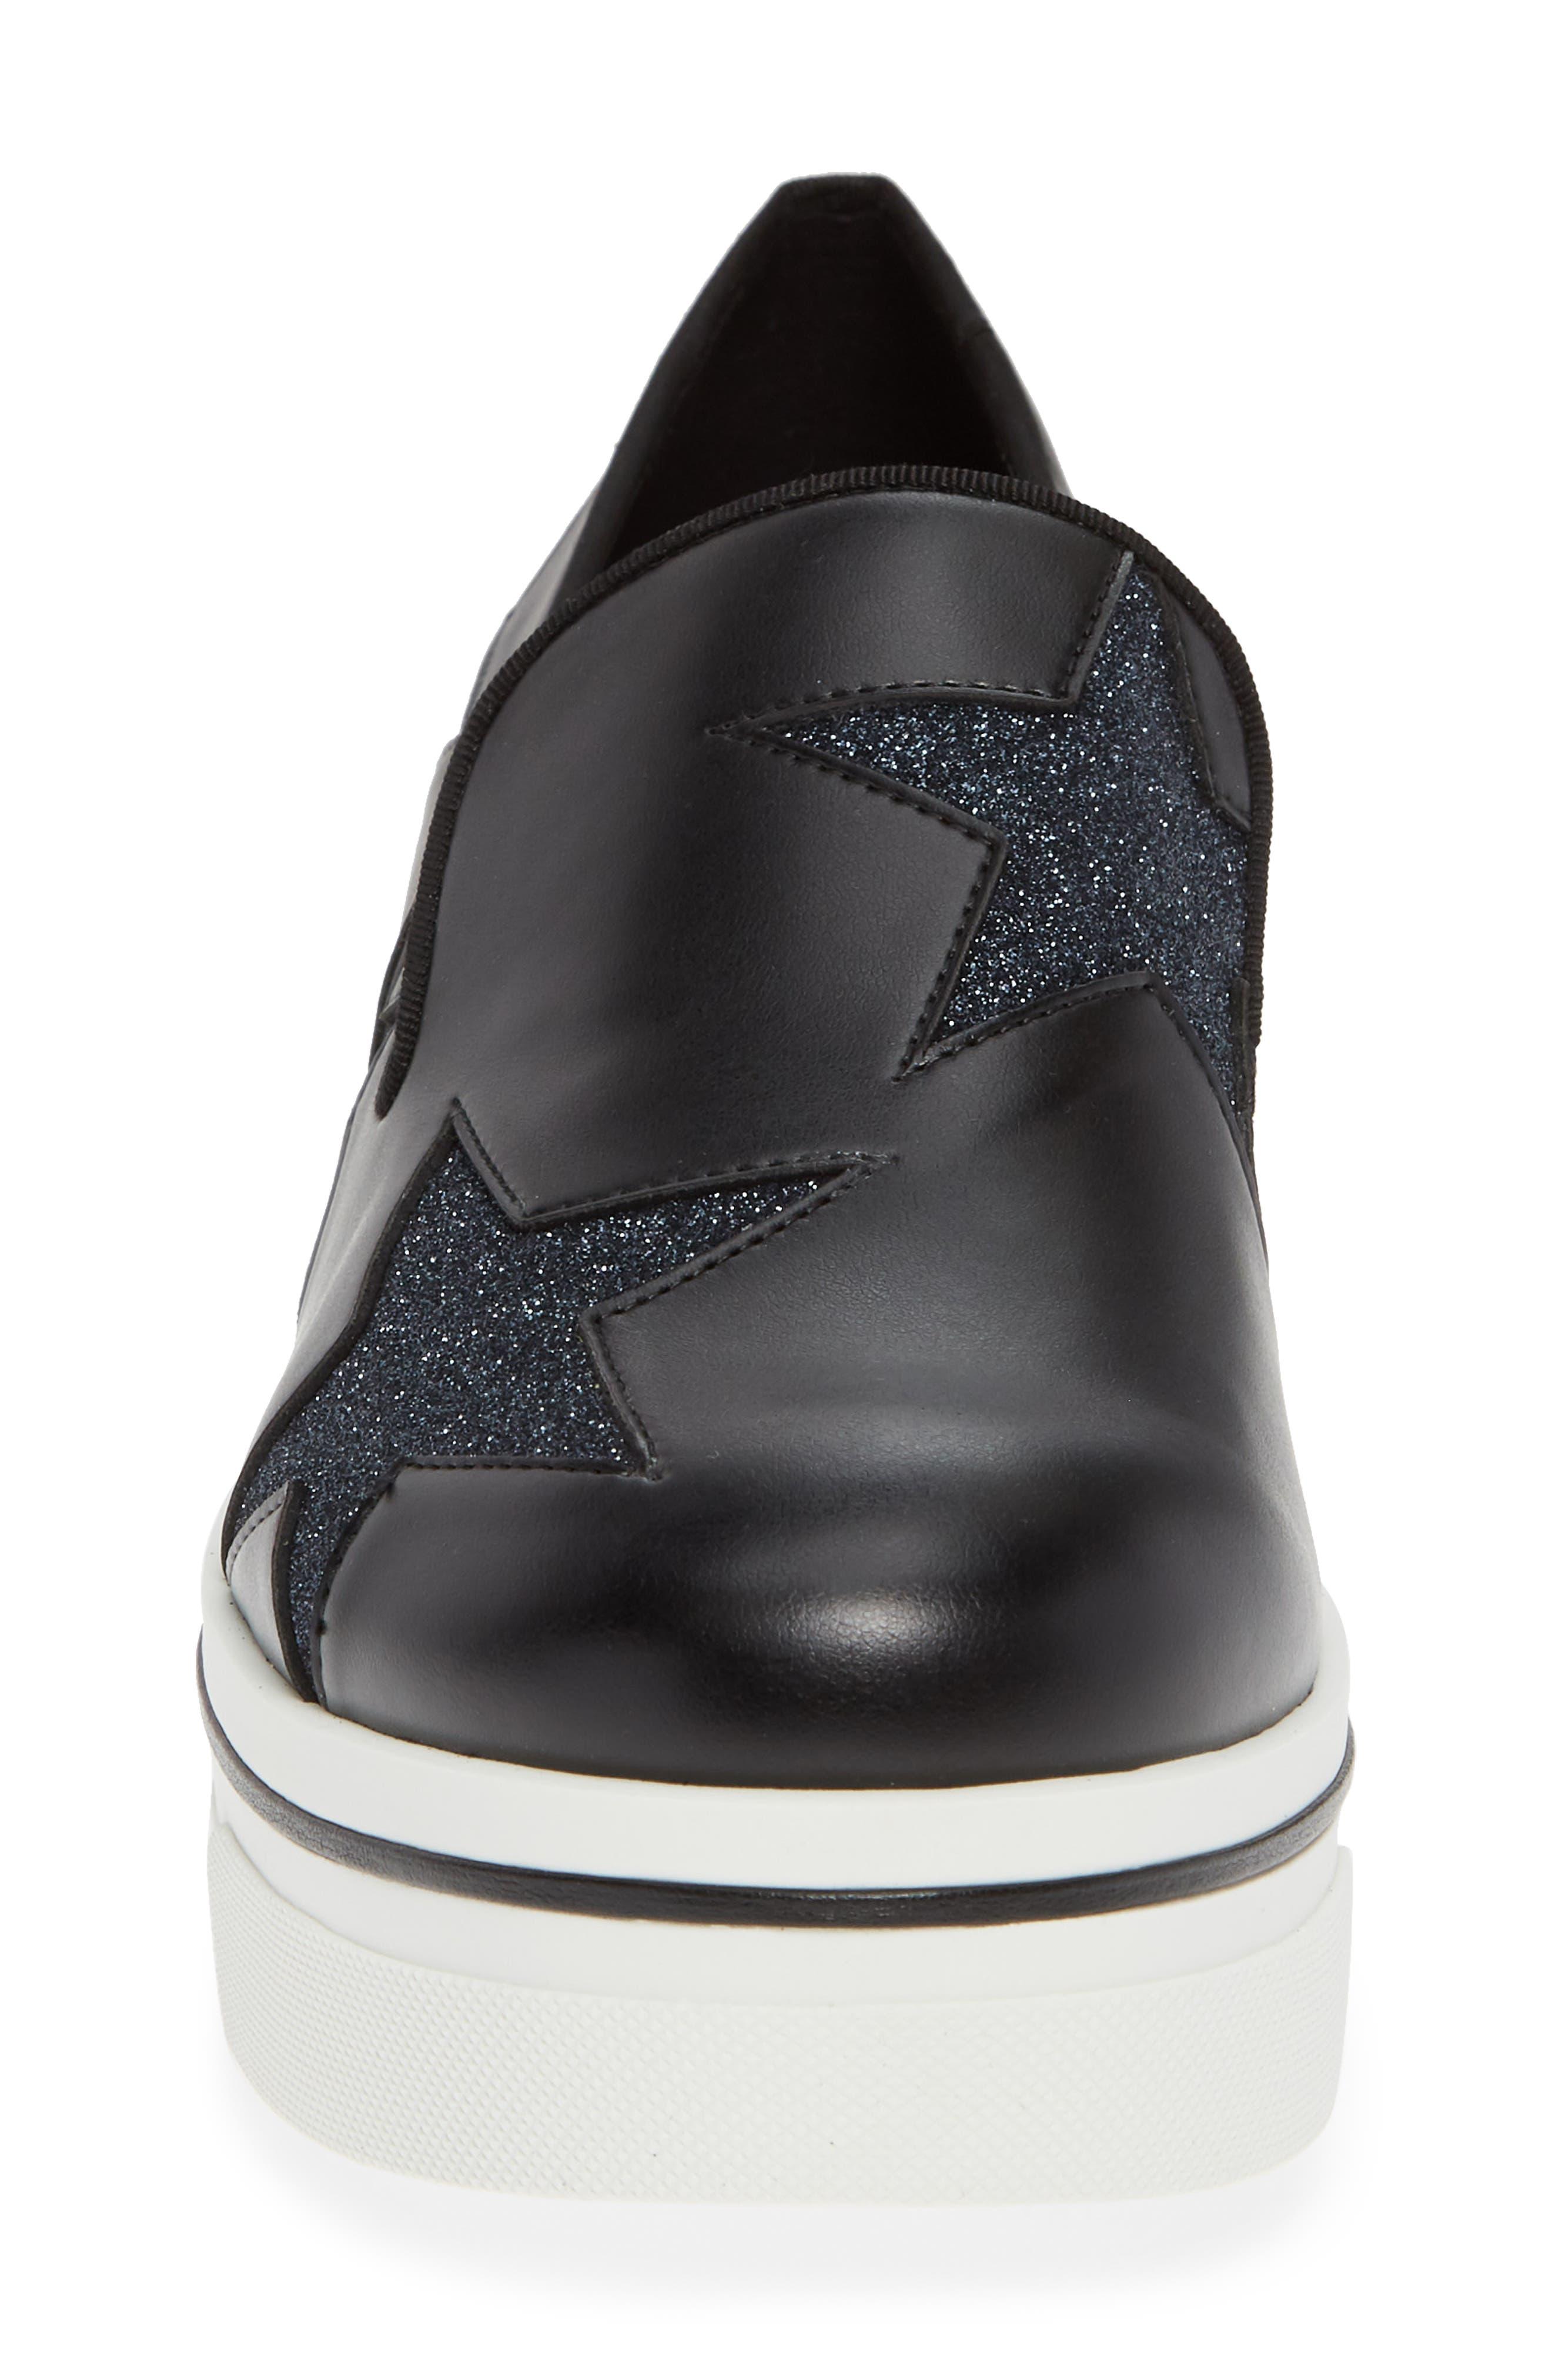 Binx Stars Slip-On Platform Sneaker,                             Alternate thumbnail 4, color,                             019